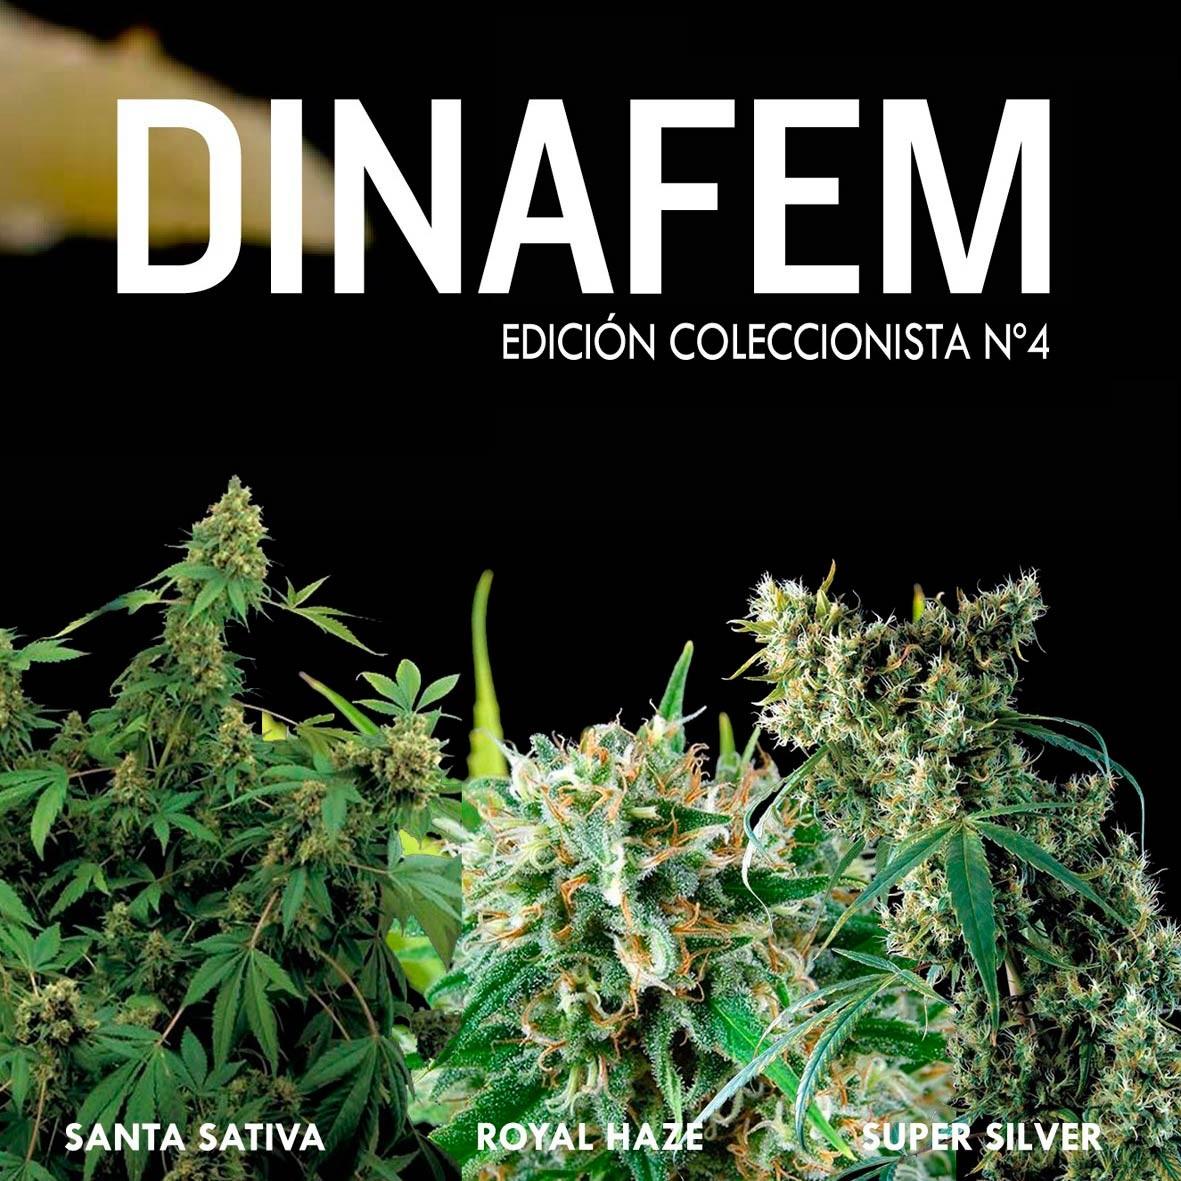 Edición  coleccionista Nº 4 - Collections - DINAFEM SEEDS